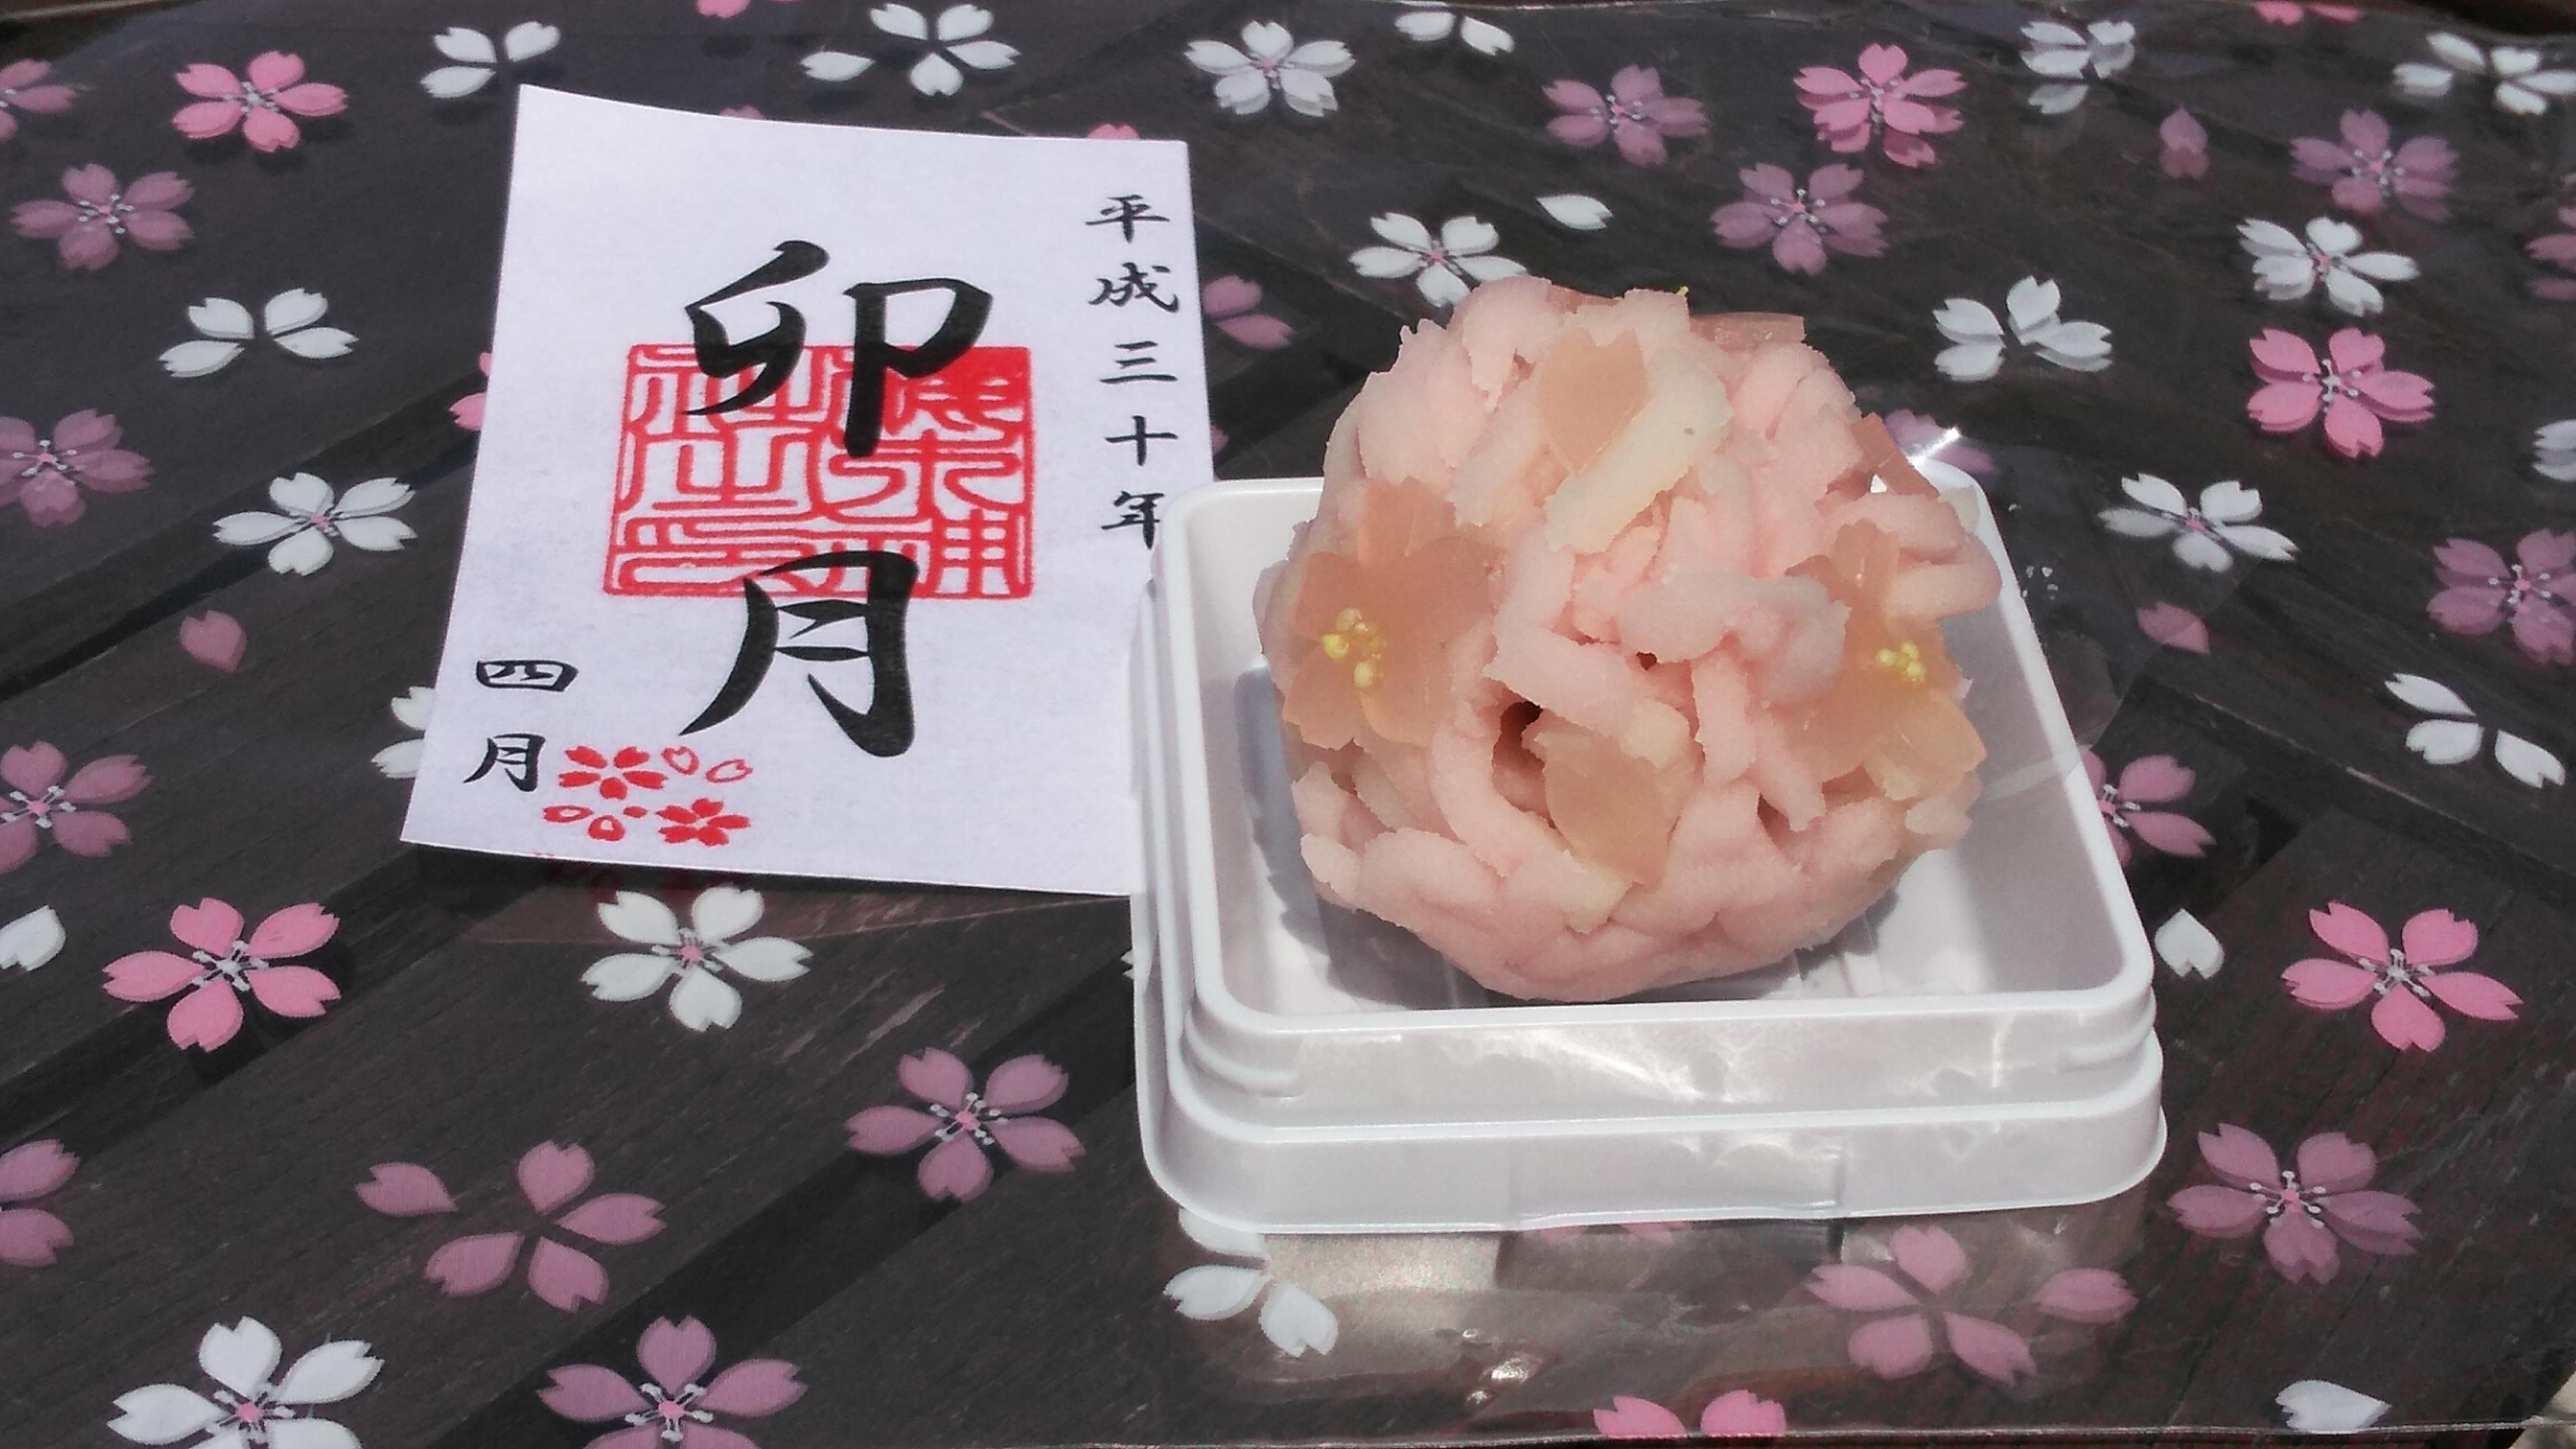 櫻木神社の行事・ご供養